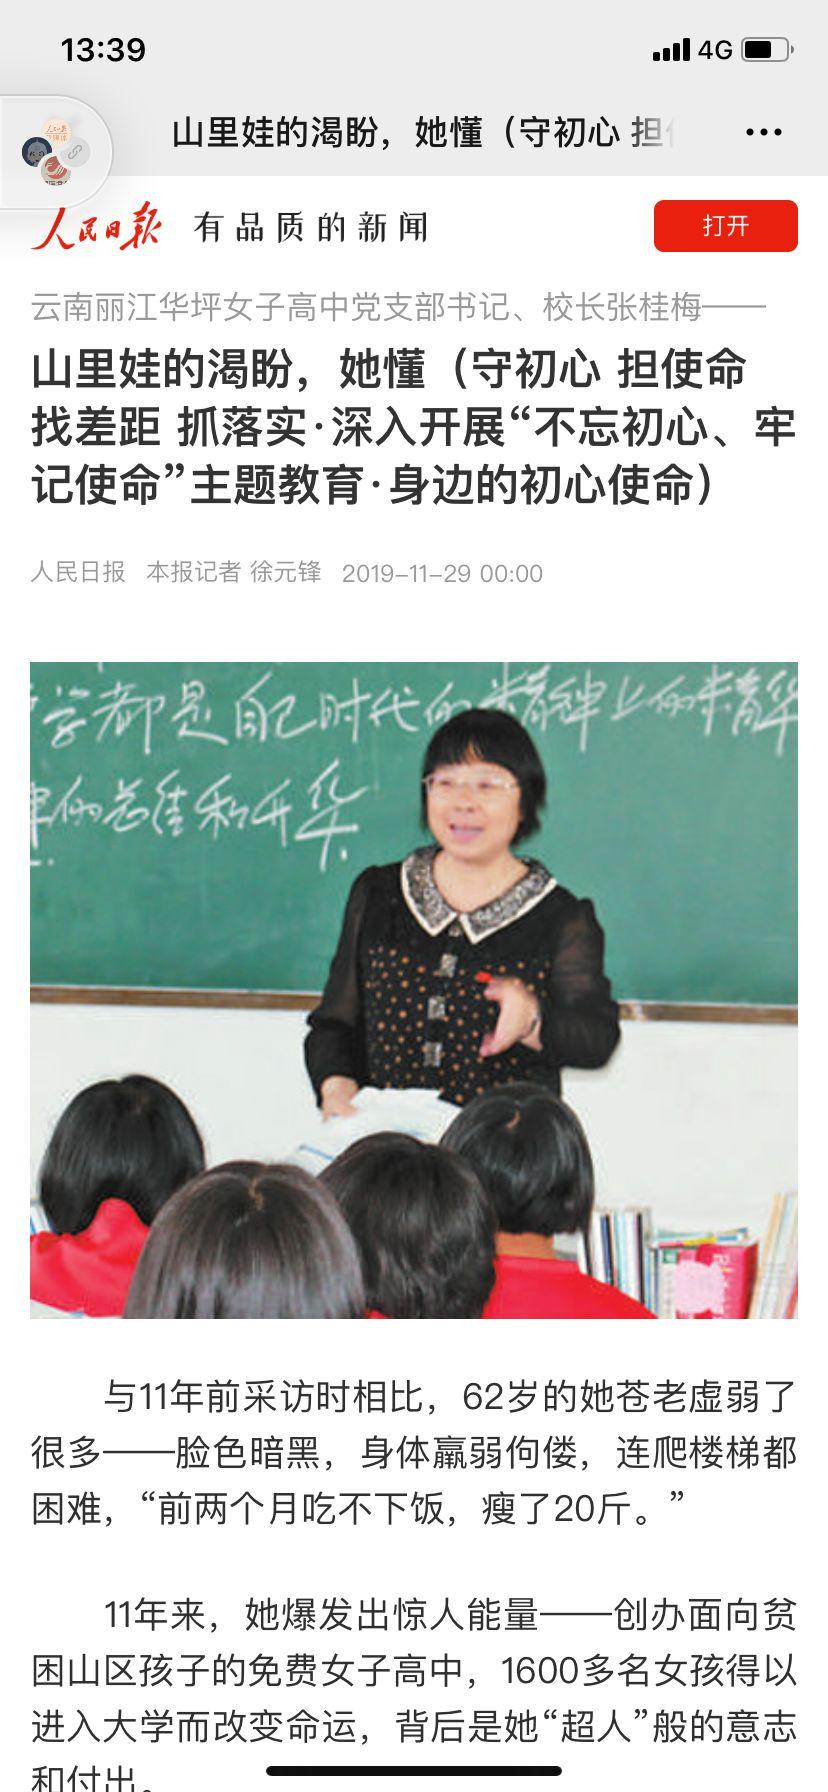 《杨善洲》 第21集_CCTV节目官网-电视剧_央视网(cctv.com)